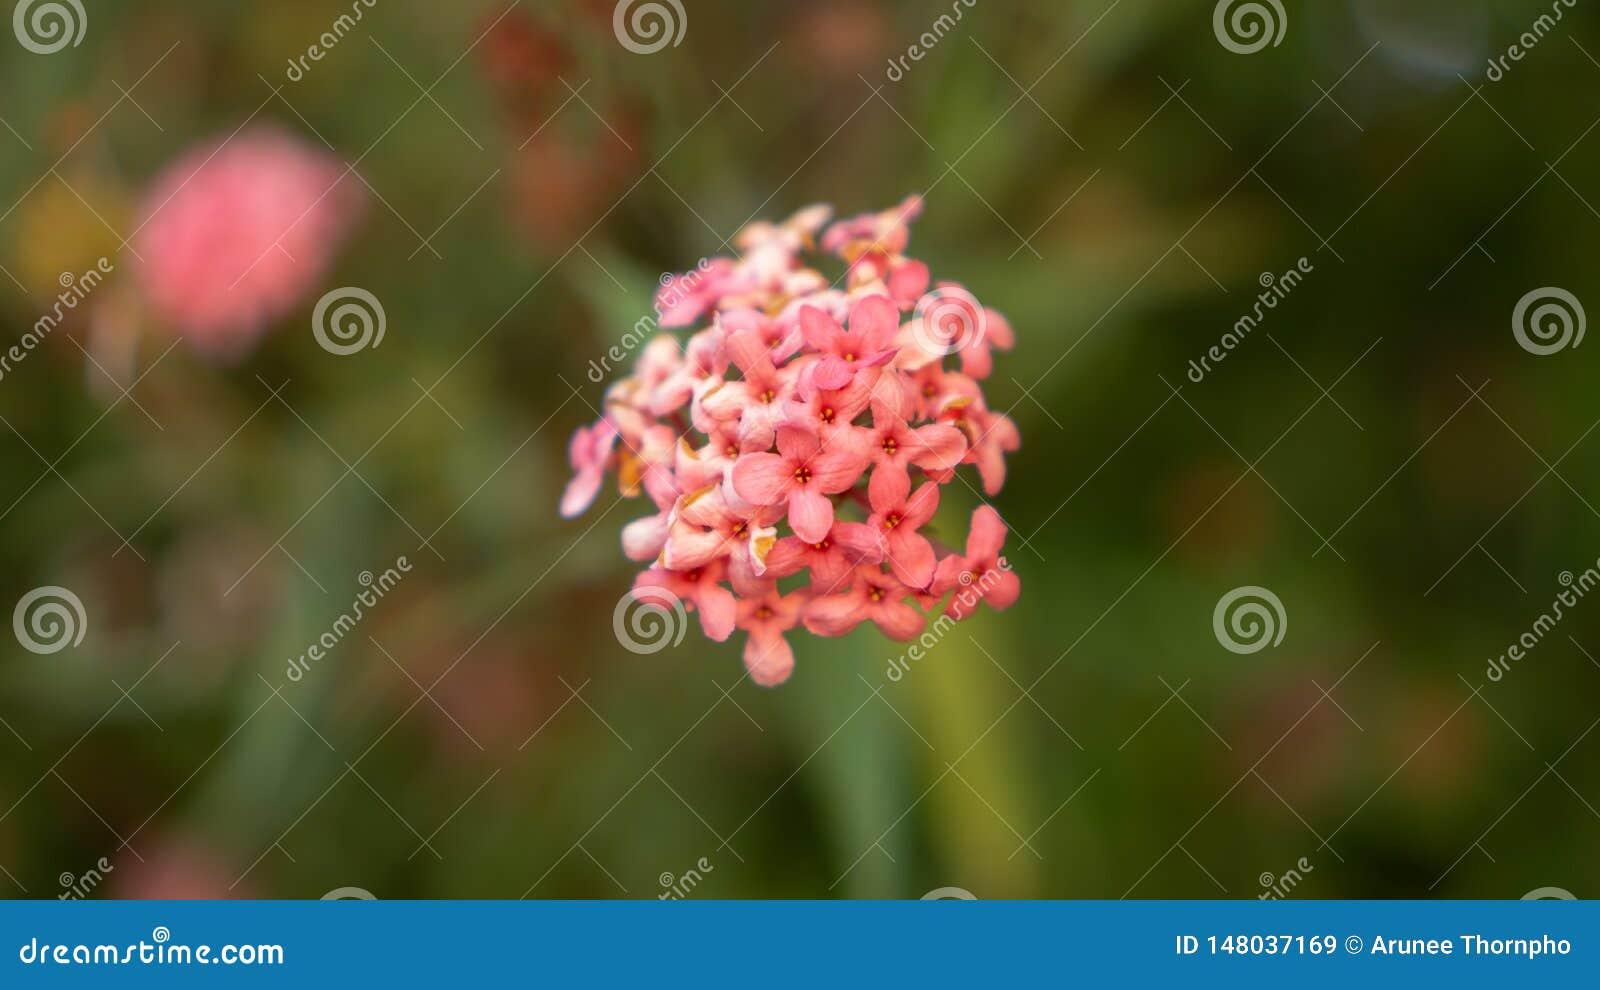 Las ramas de la flor rosada del penta del arbusto que florece en el verdor borroso salen de follaje, lo saben como la rosa de Pan